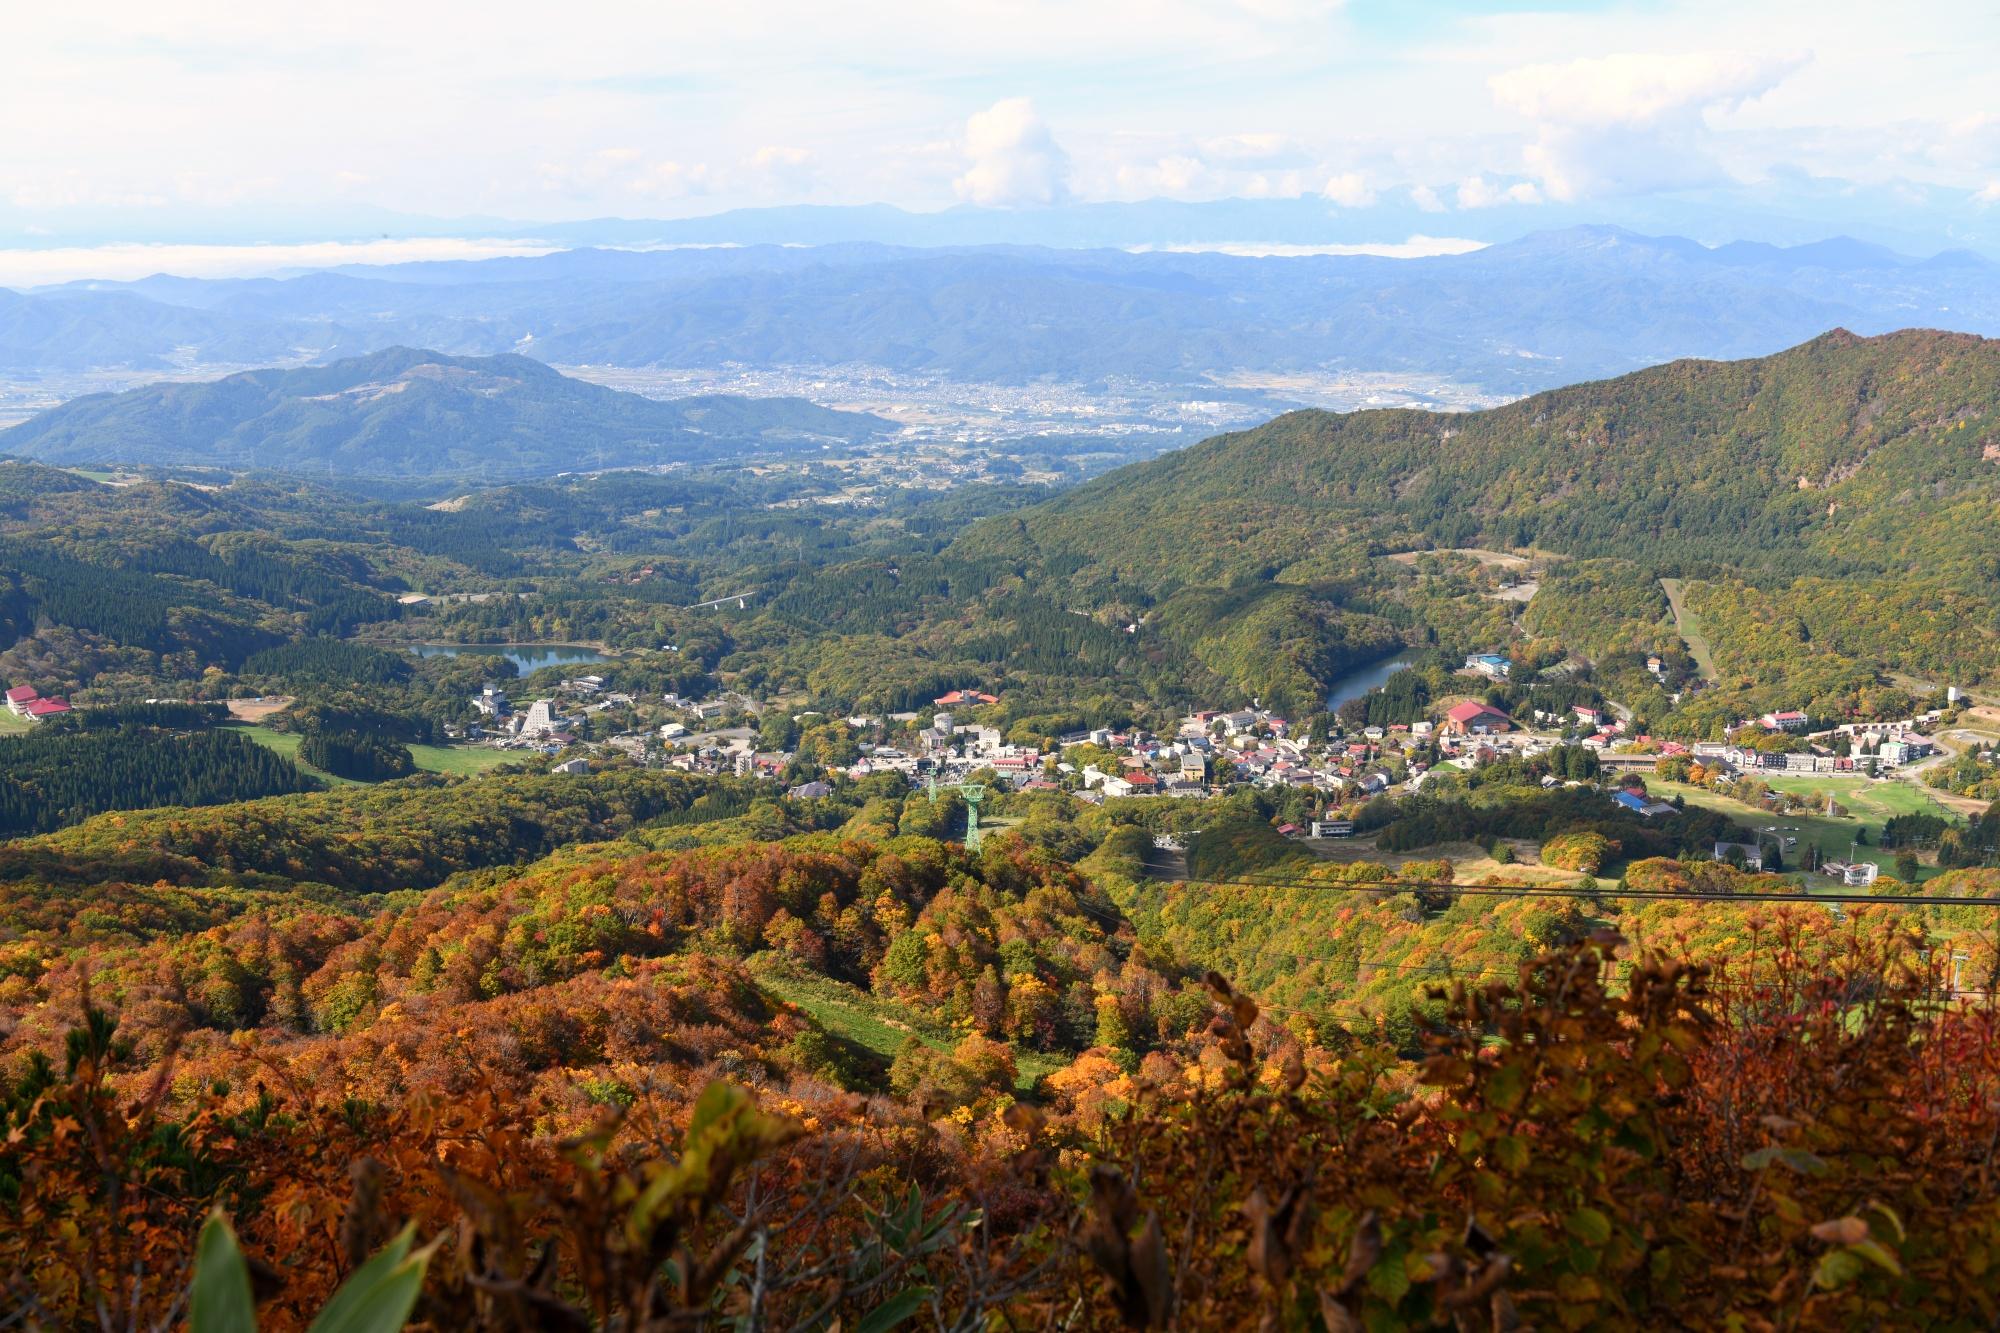 【まとめ】2020年 山形県の週末イベント情報 10月24日(土)/10月25日(日)